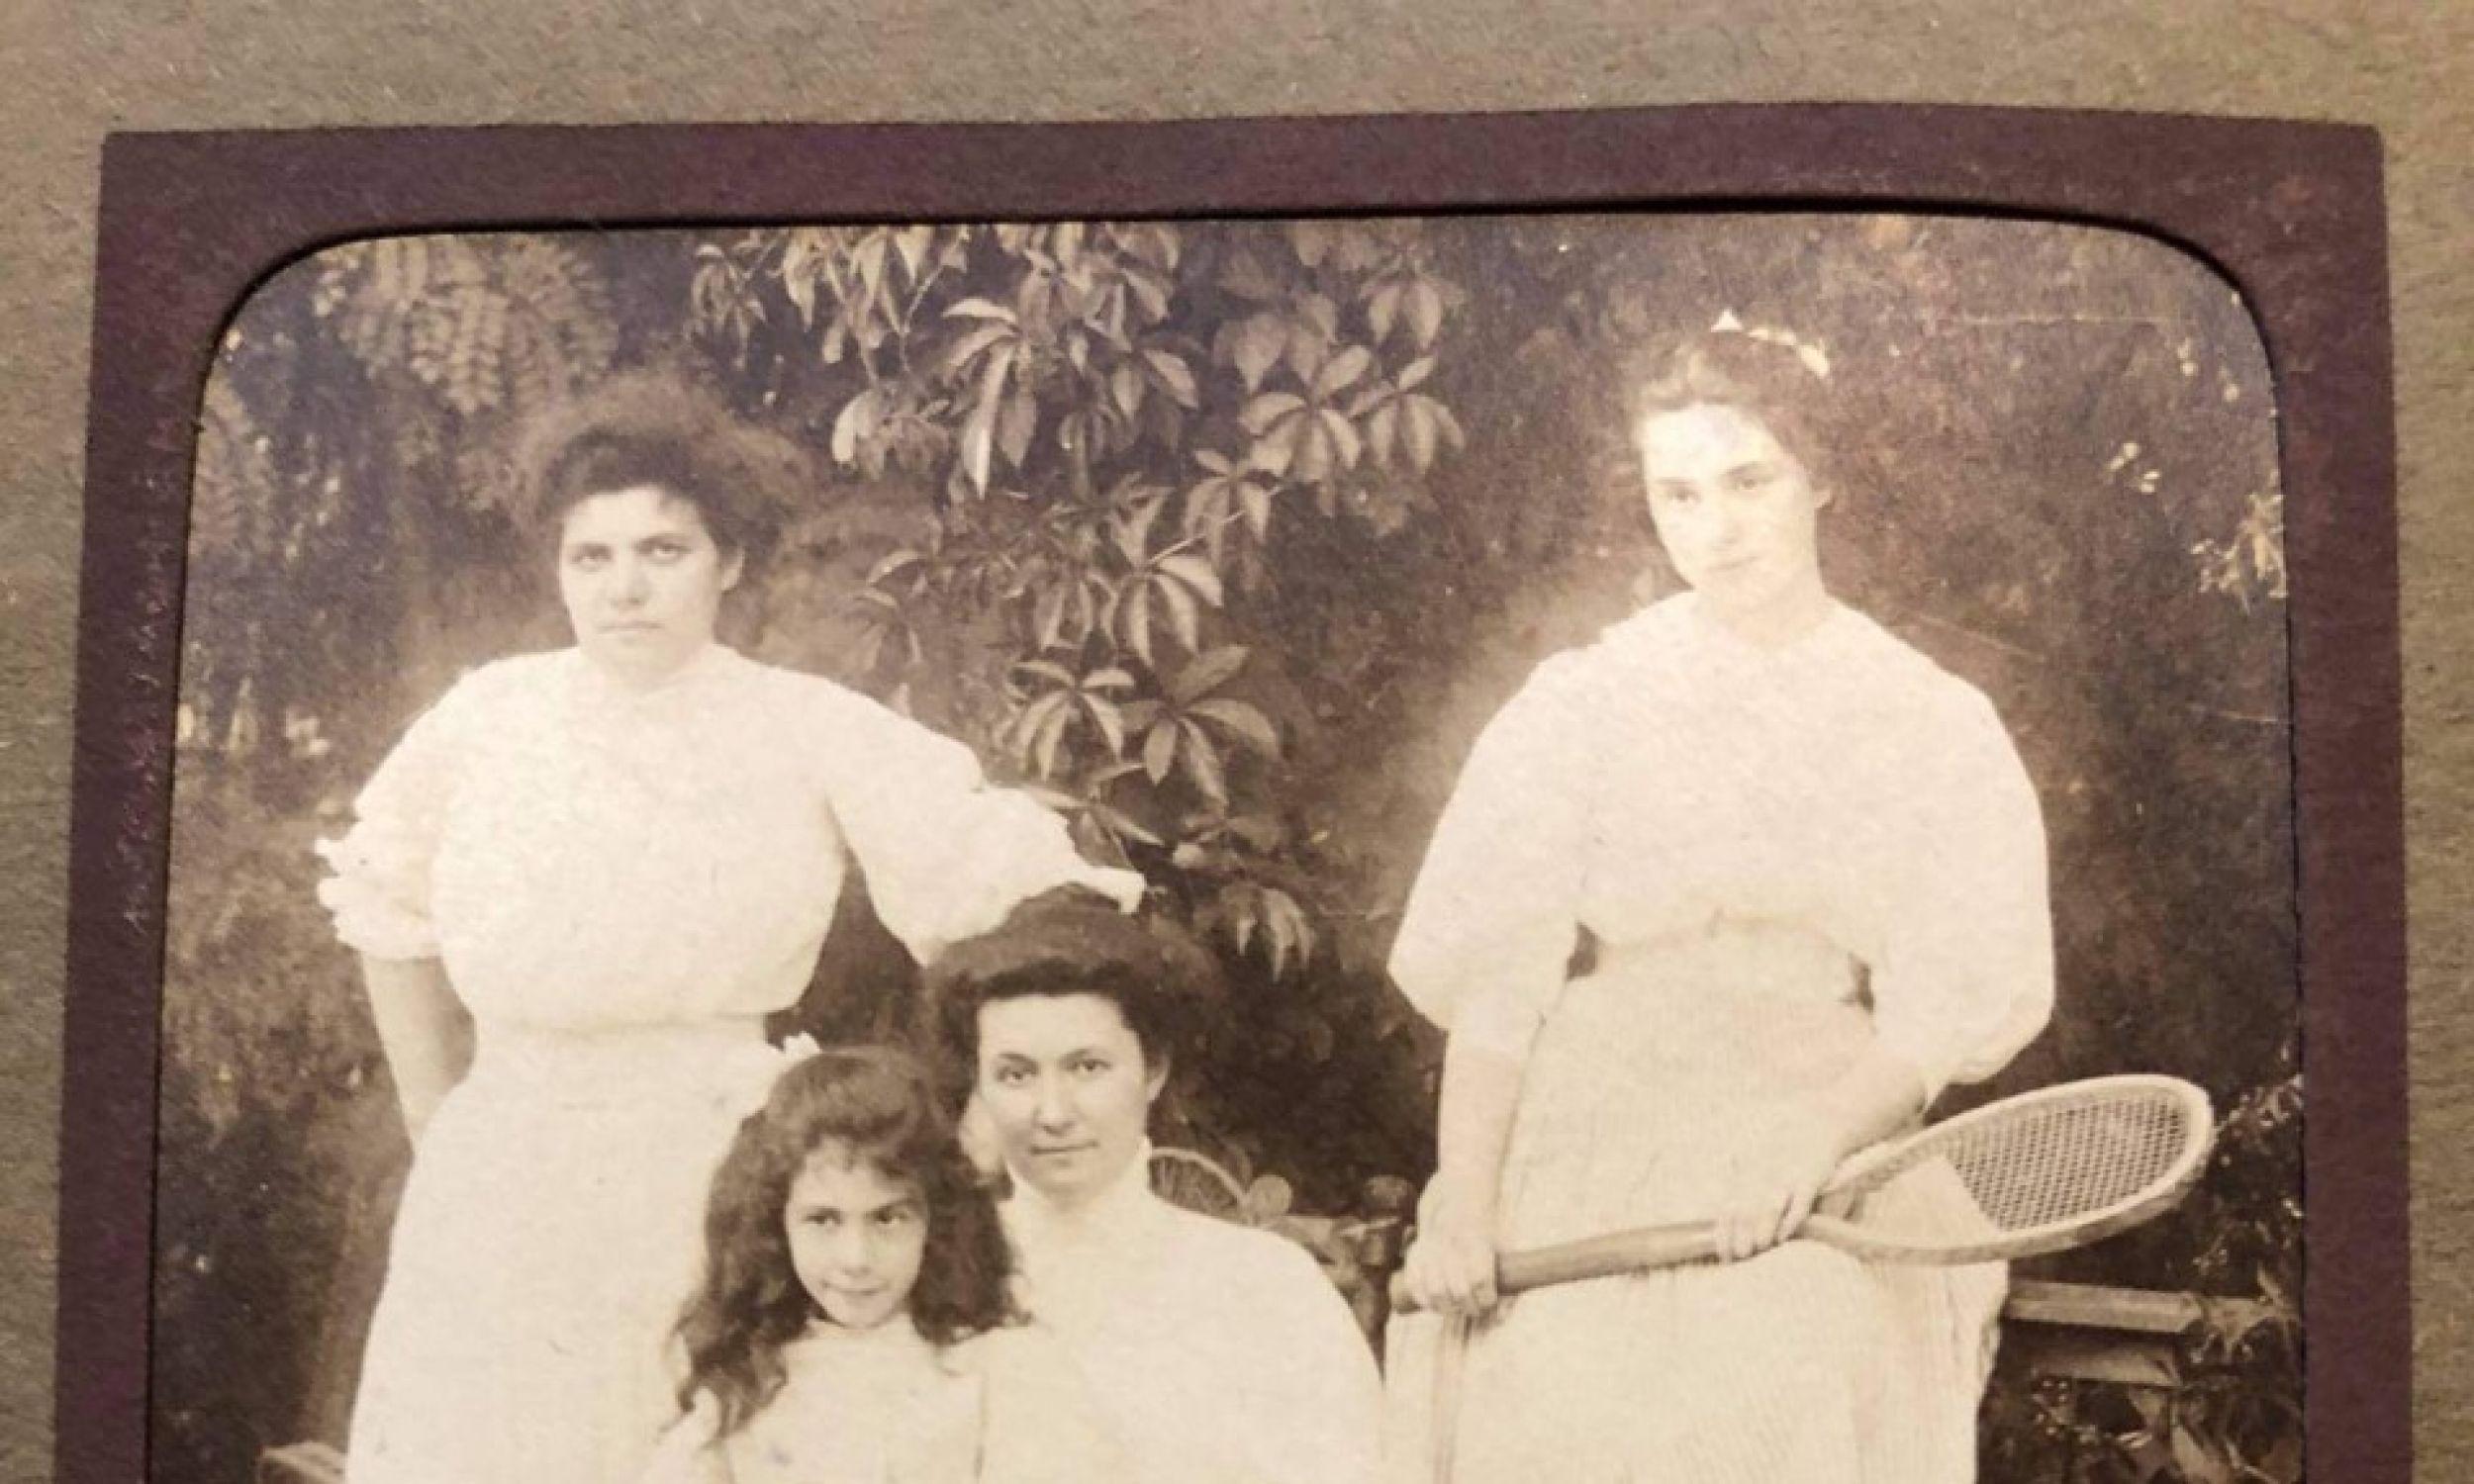 Siostry Goldfeder z matką Jeanne z domu Citroën: na ziemi siedzi Alicja, na kolanach matki Amelia, z rakietą na płocie Zuzanna. Z lewej stoi prawdopodobnie guwernantka. Zdjęcie wykonano ok. 1910 r. Fot. Archiwum rodzinne.